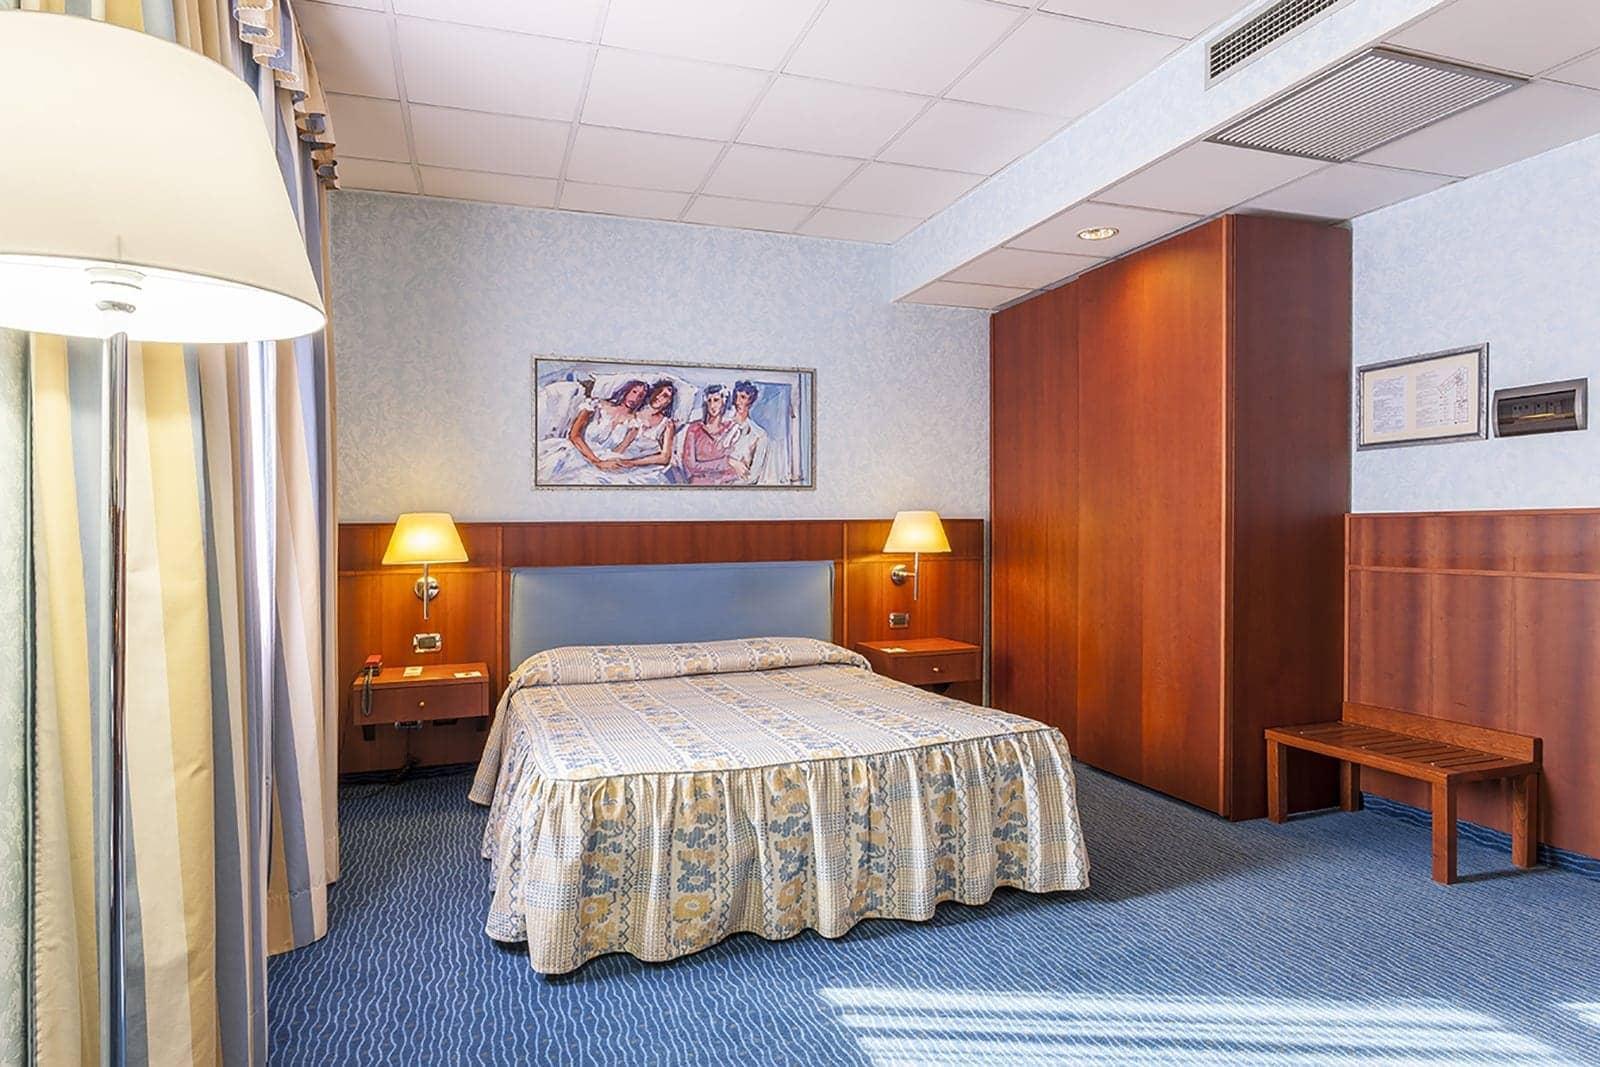 Sito ufficiale palace hotel moderno pordenone for Camera dei deputati sito ufficiale